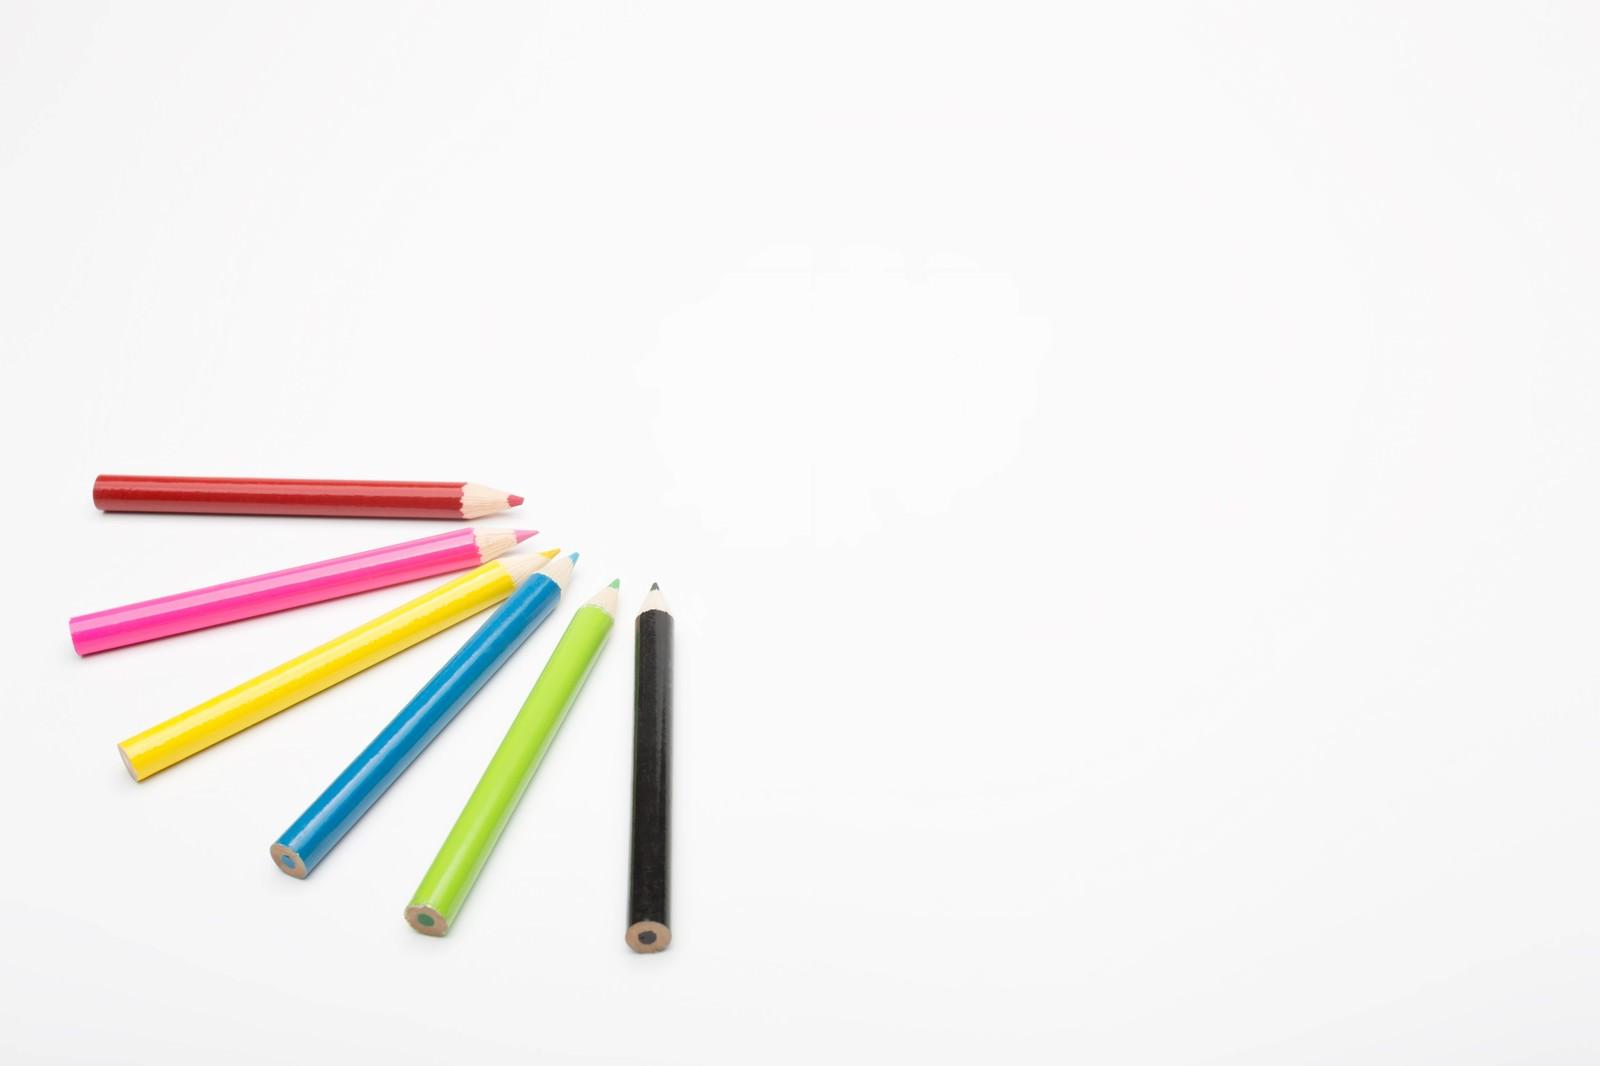 「色鉛筆とホワイトスペース」の写真